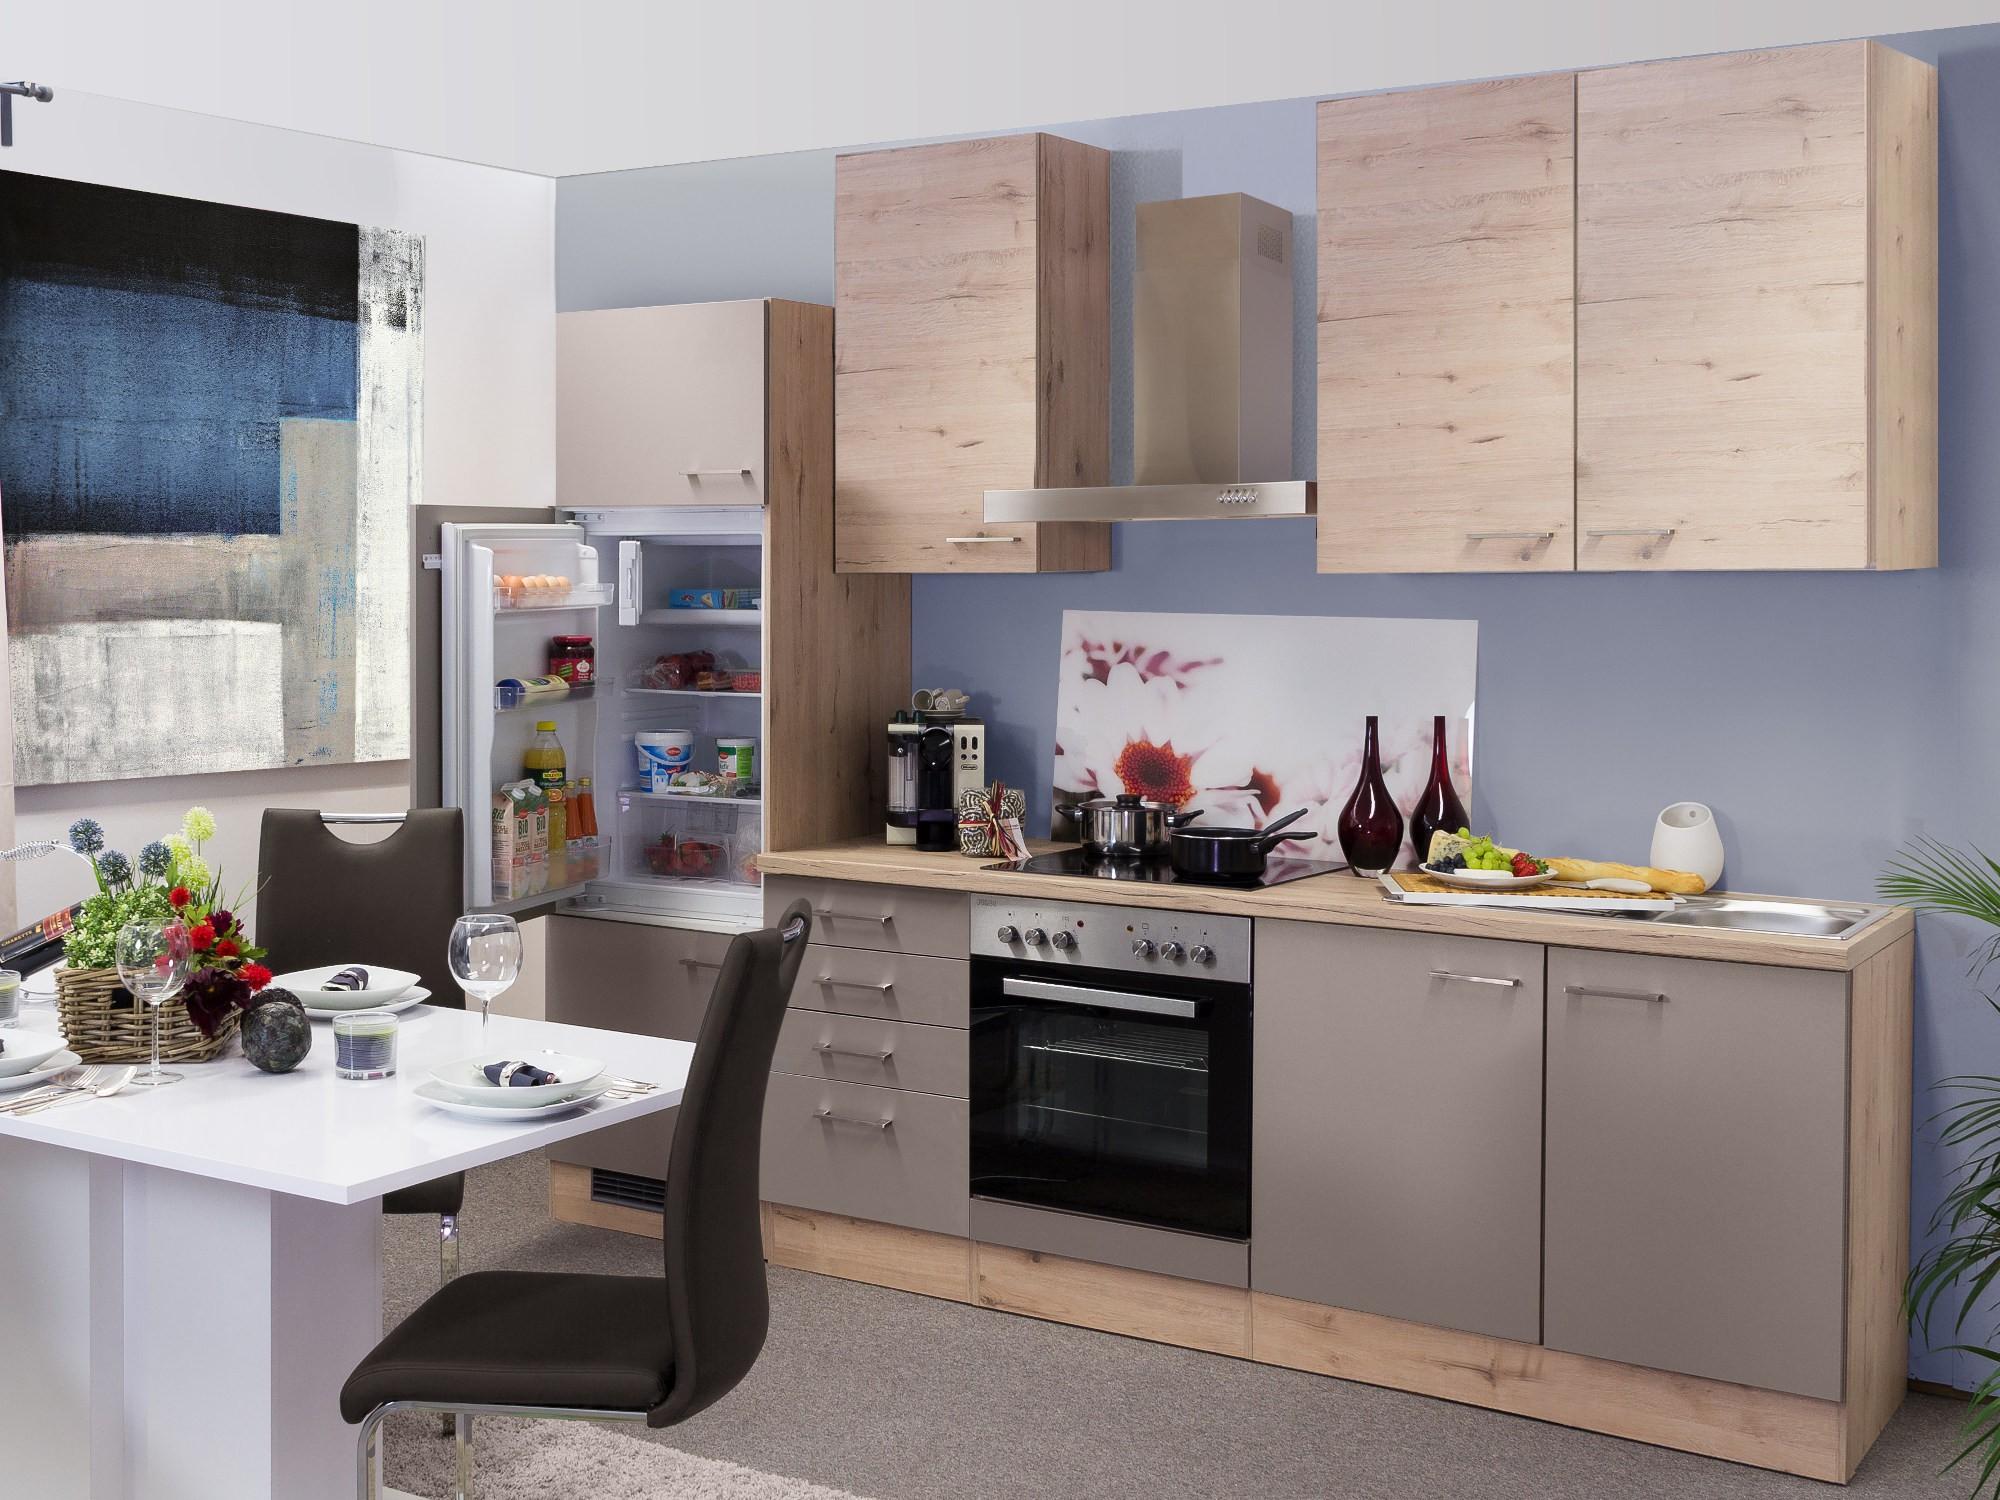 Kücheneckschrank hoch  Küchen-Hängeschrank RIVA - 1-türig - 50 cm breit, 89 cm hoch ...